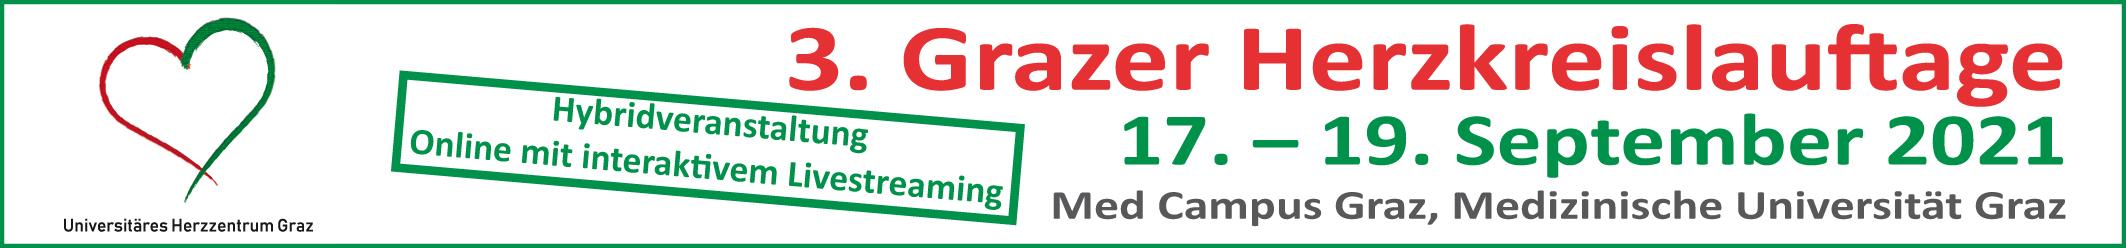 3. Grazer Herzkreislauftage 2021